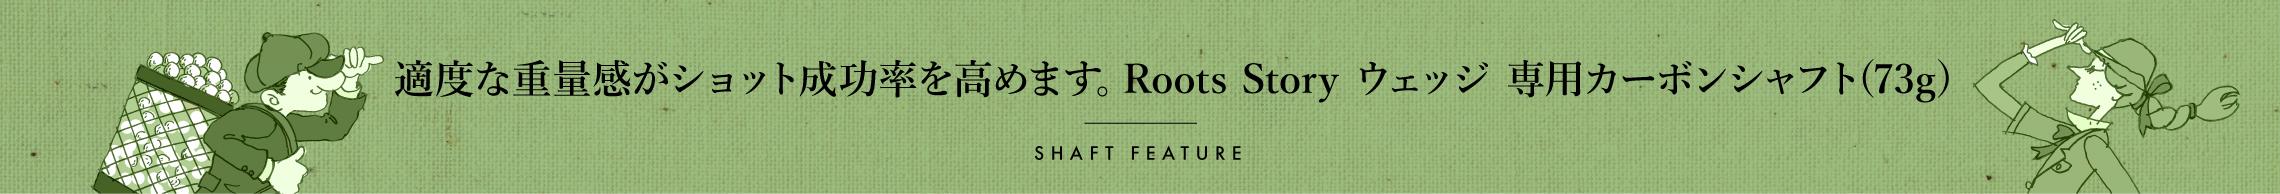 適度な重量感がショット成功率を高めます。Roots Story ウェッジ 専用カーボンシャフト(73g)